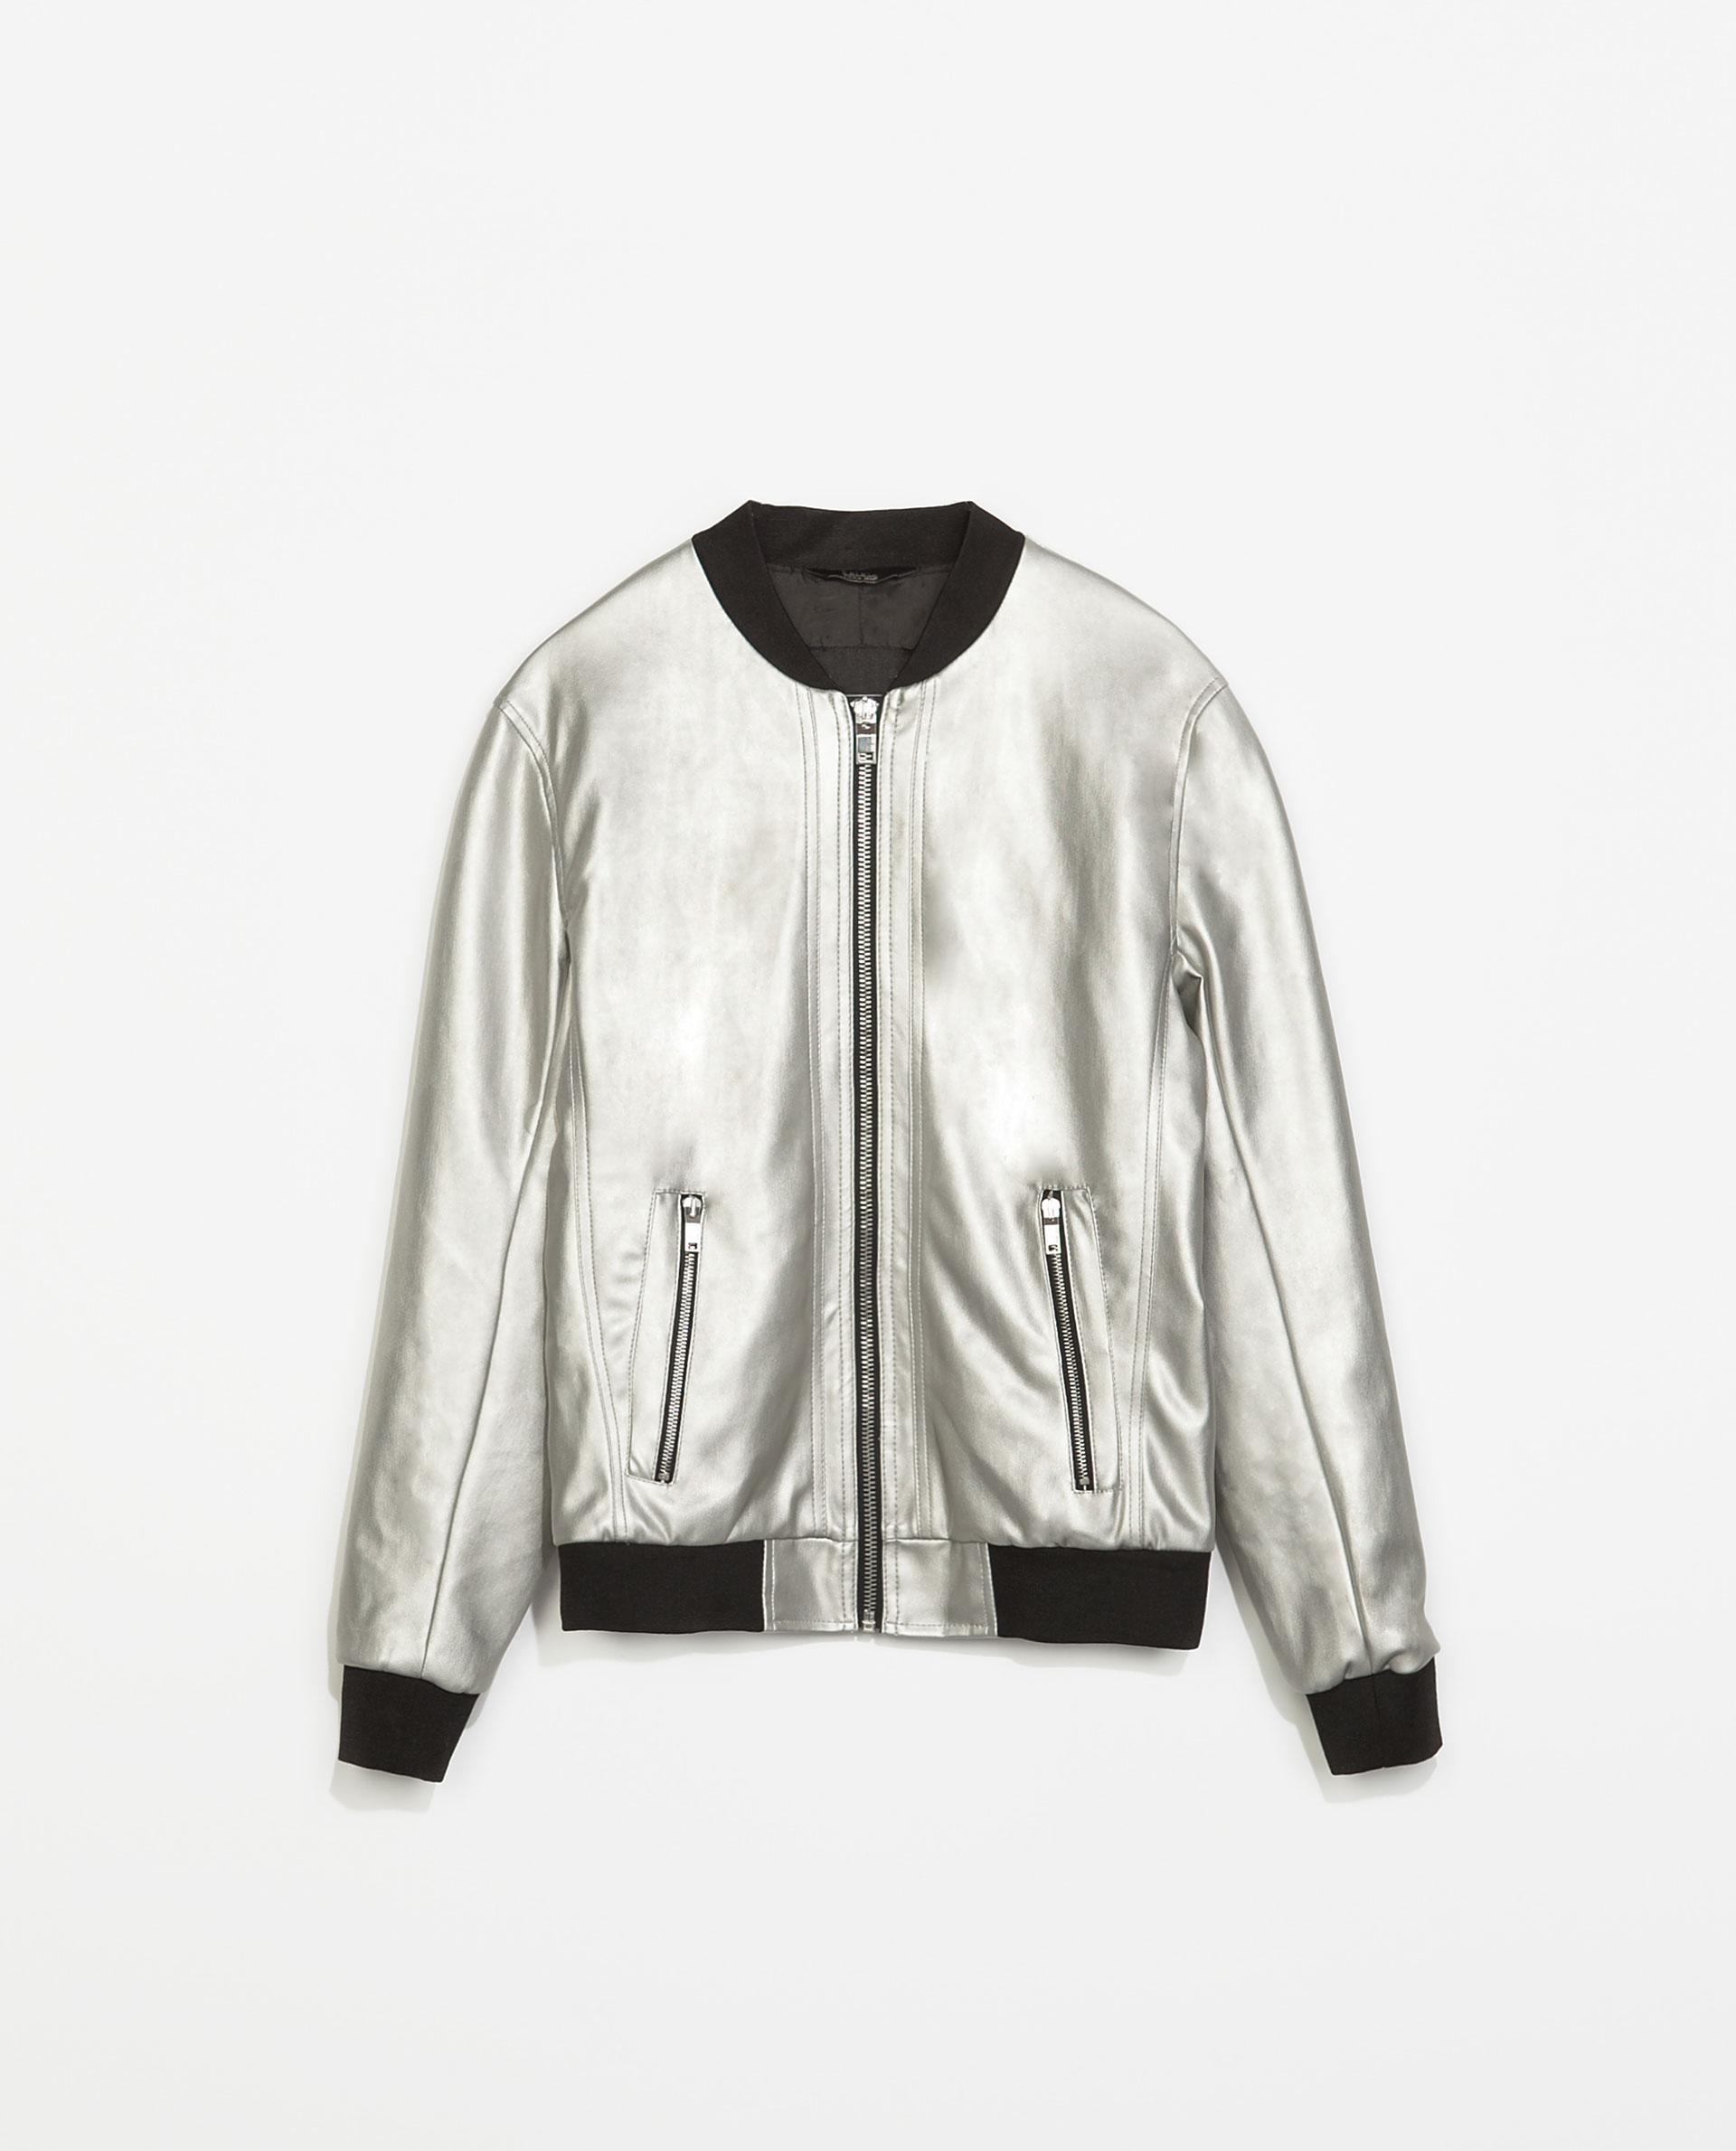 Zara Metallic Bomber Jacket in Metallic for Men | Lyst